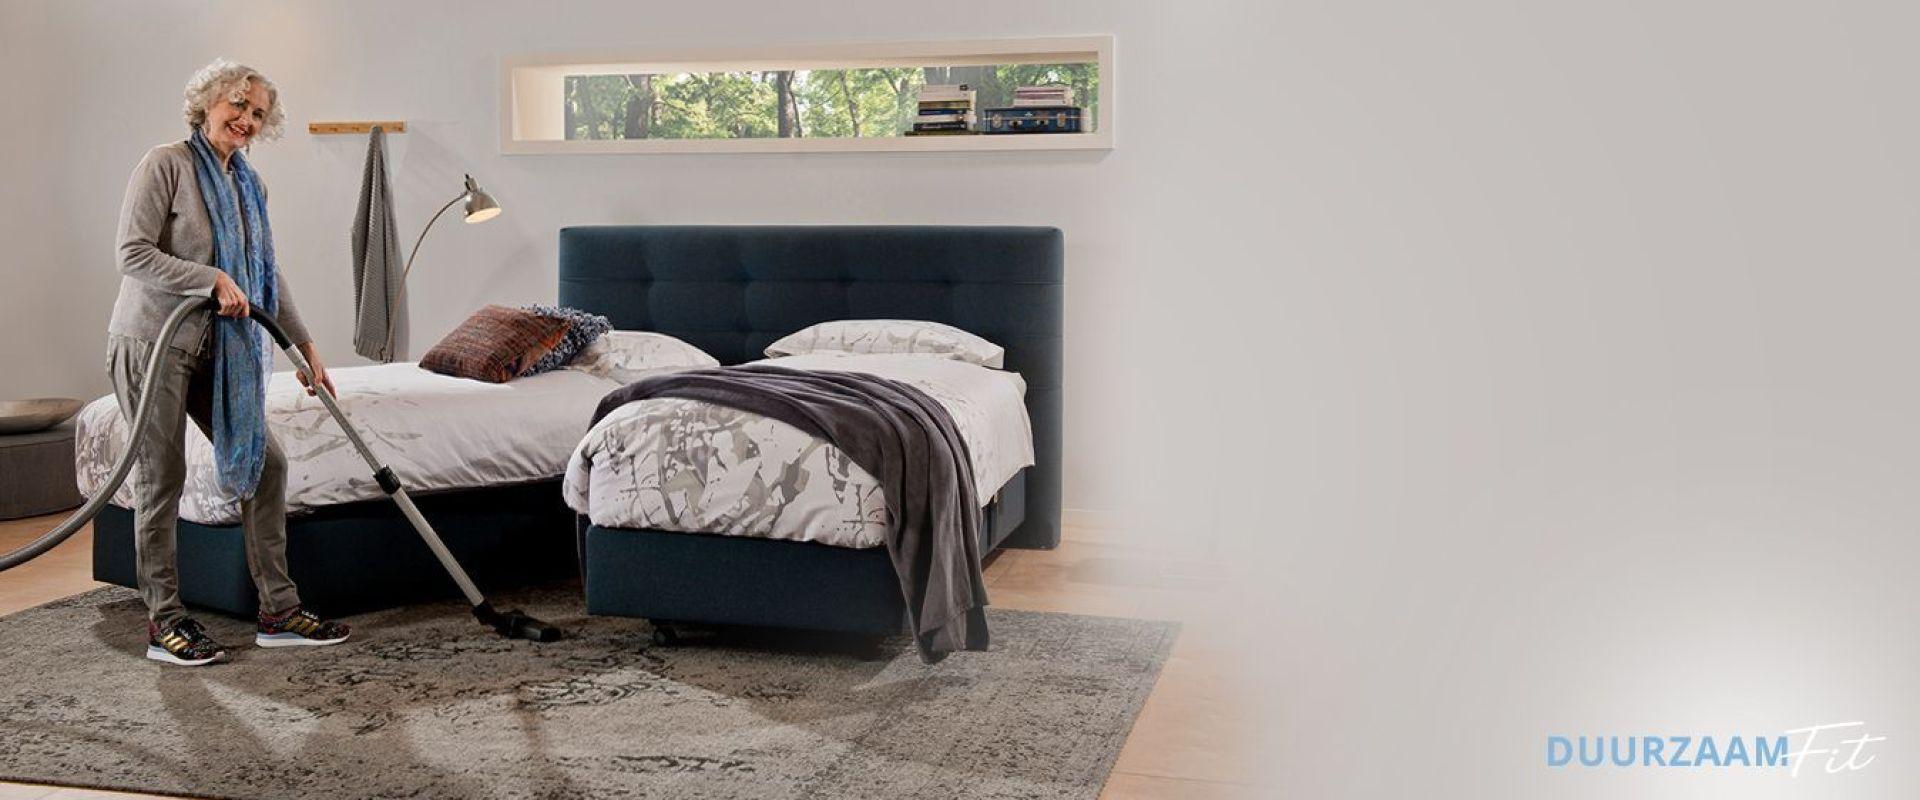 Wat Is Het Beste Bed Om In Te Slapen.Comfort Bedden Bij City Wonen